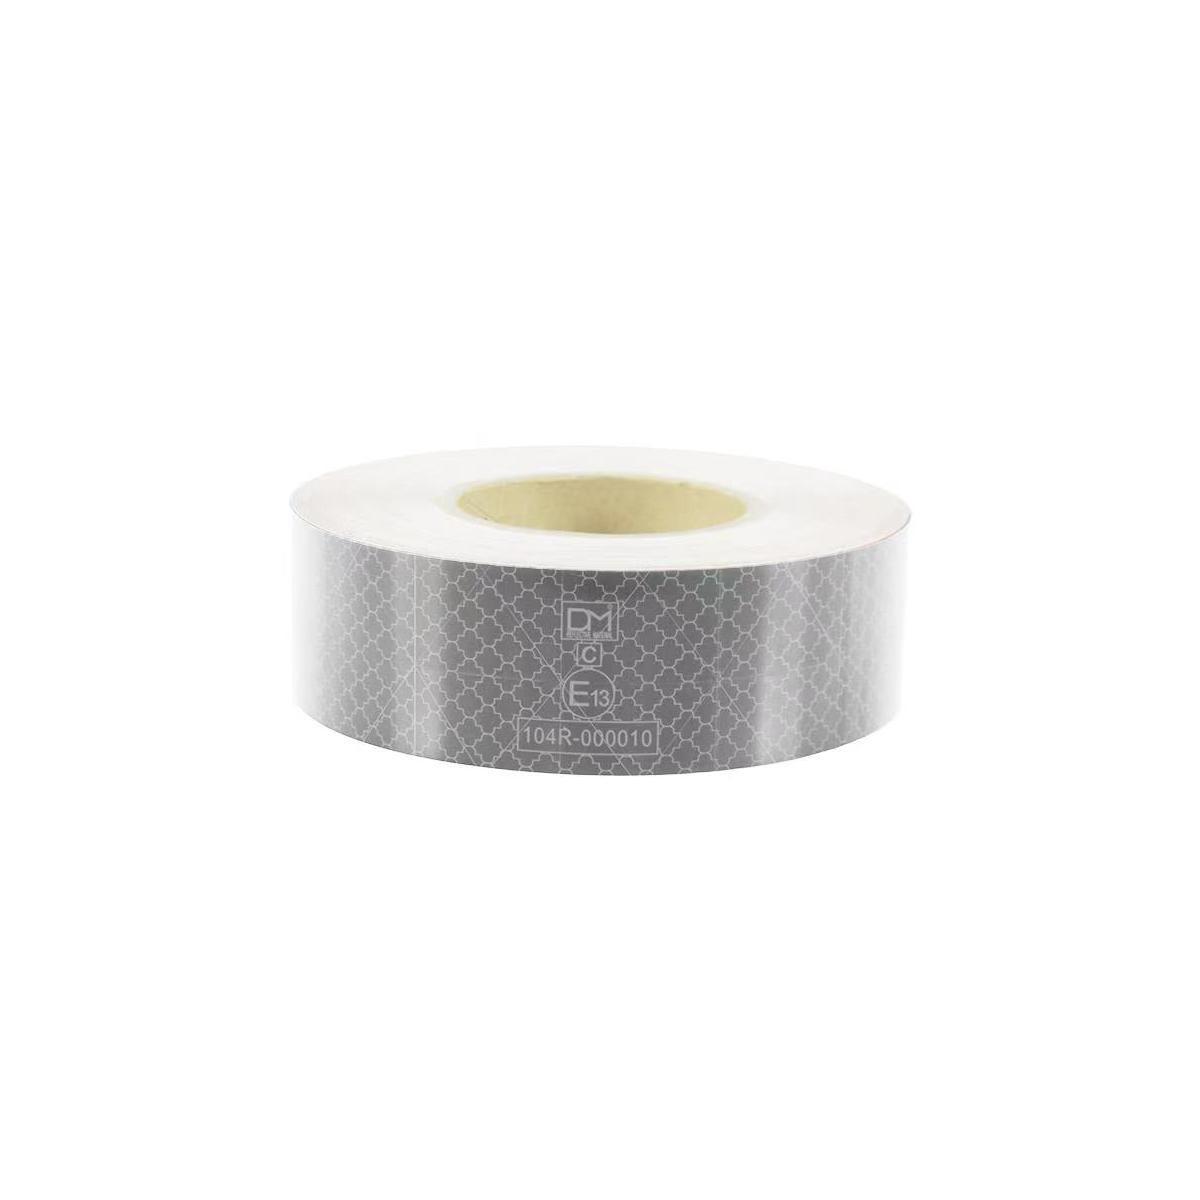 反射テープ 50mm×25m 白色 車両認識用 再帰性反射材